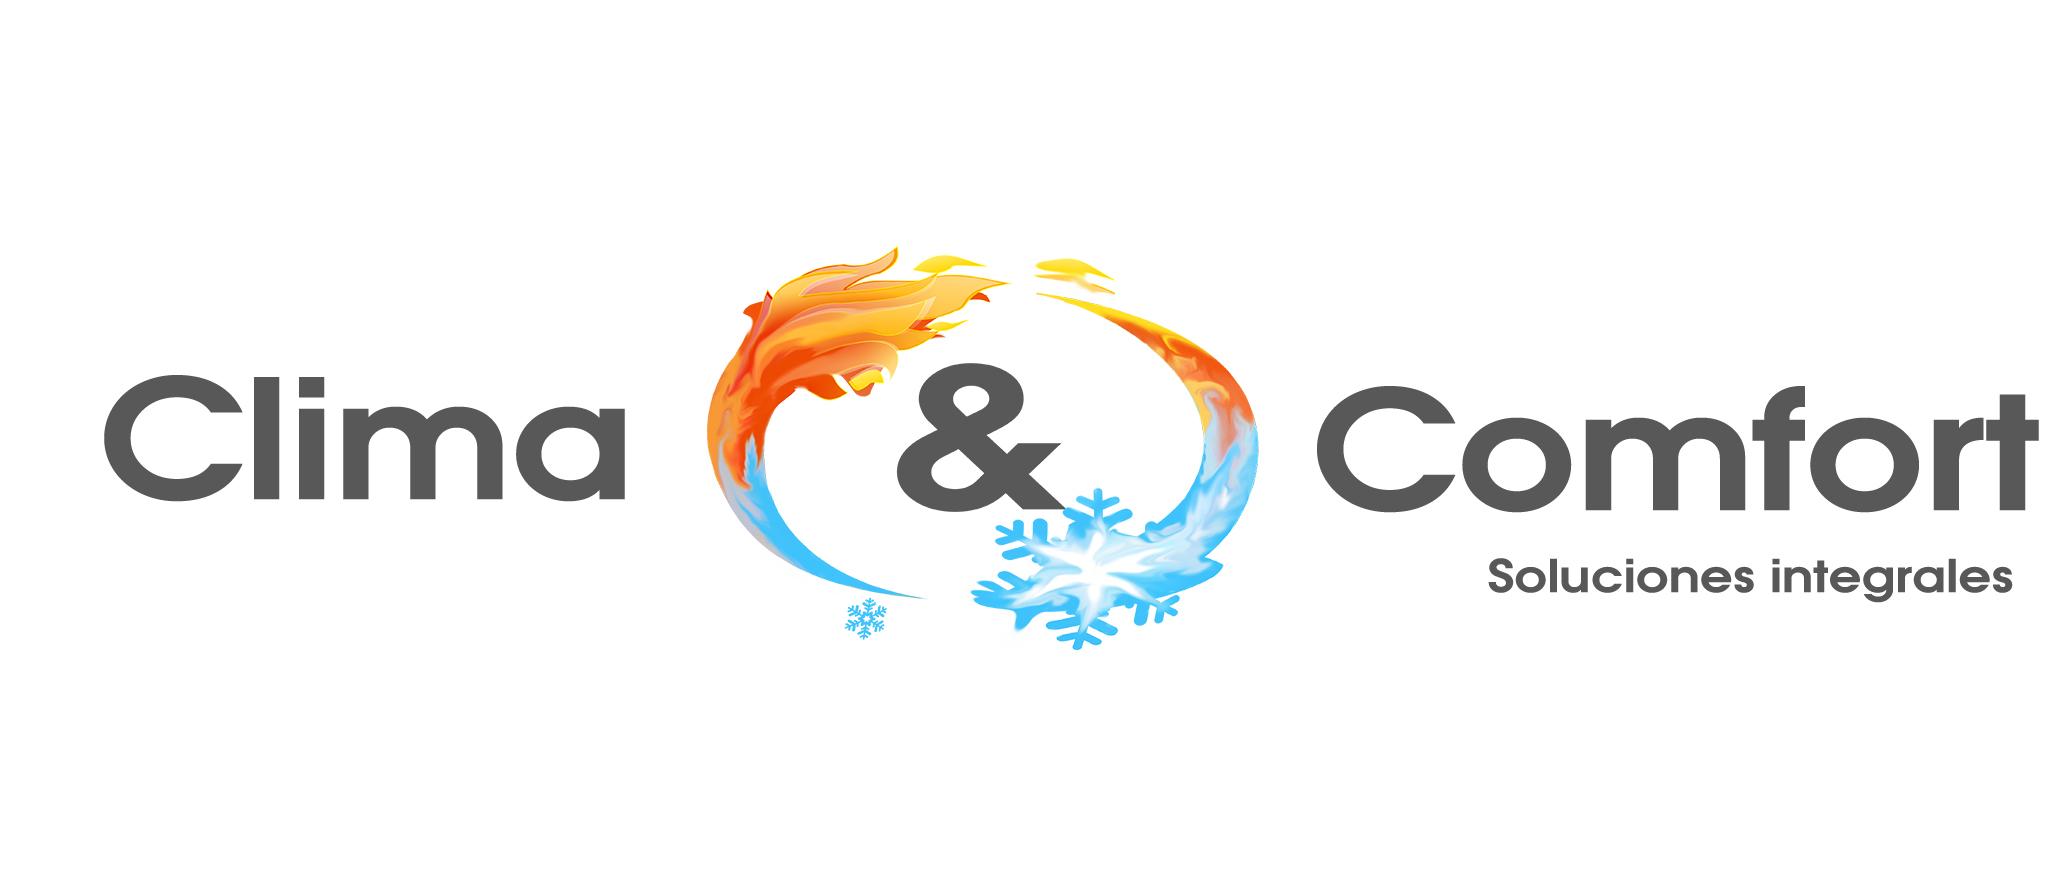 Clima & Comfort - Soluciones Integrales